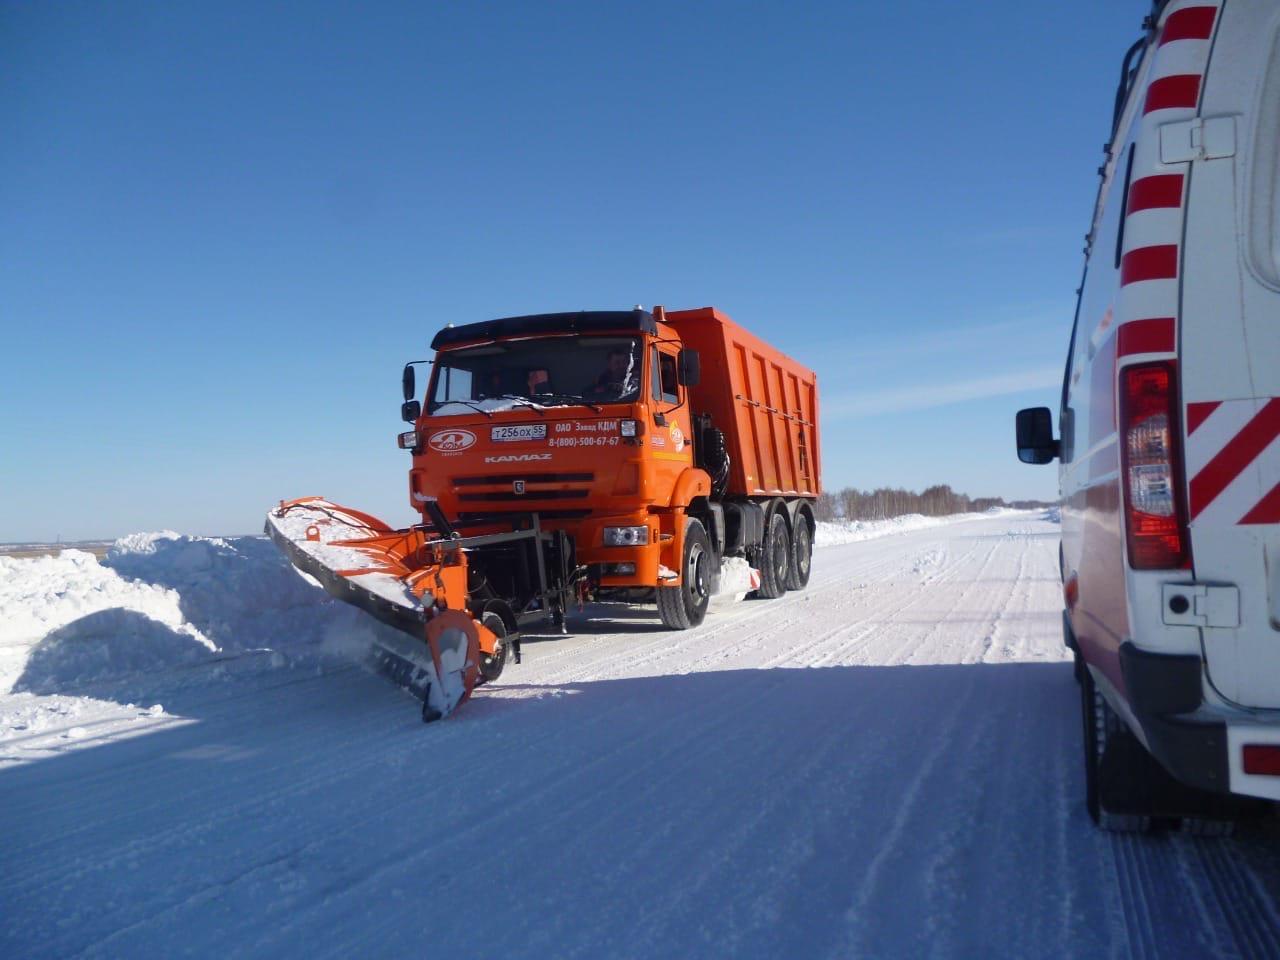 Омские дорожники намерены вывезти побольше снега перед паводком #Новости #Общество #Омск